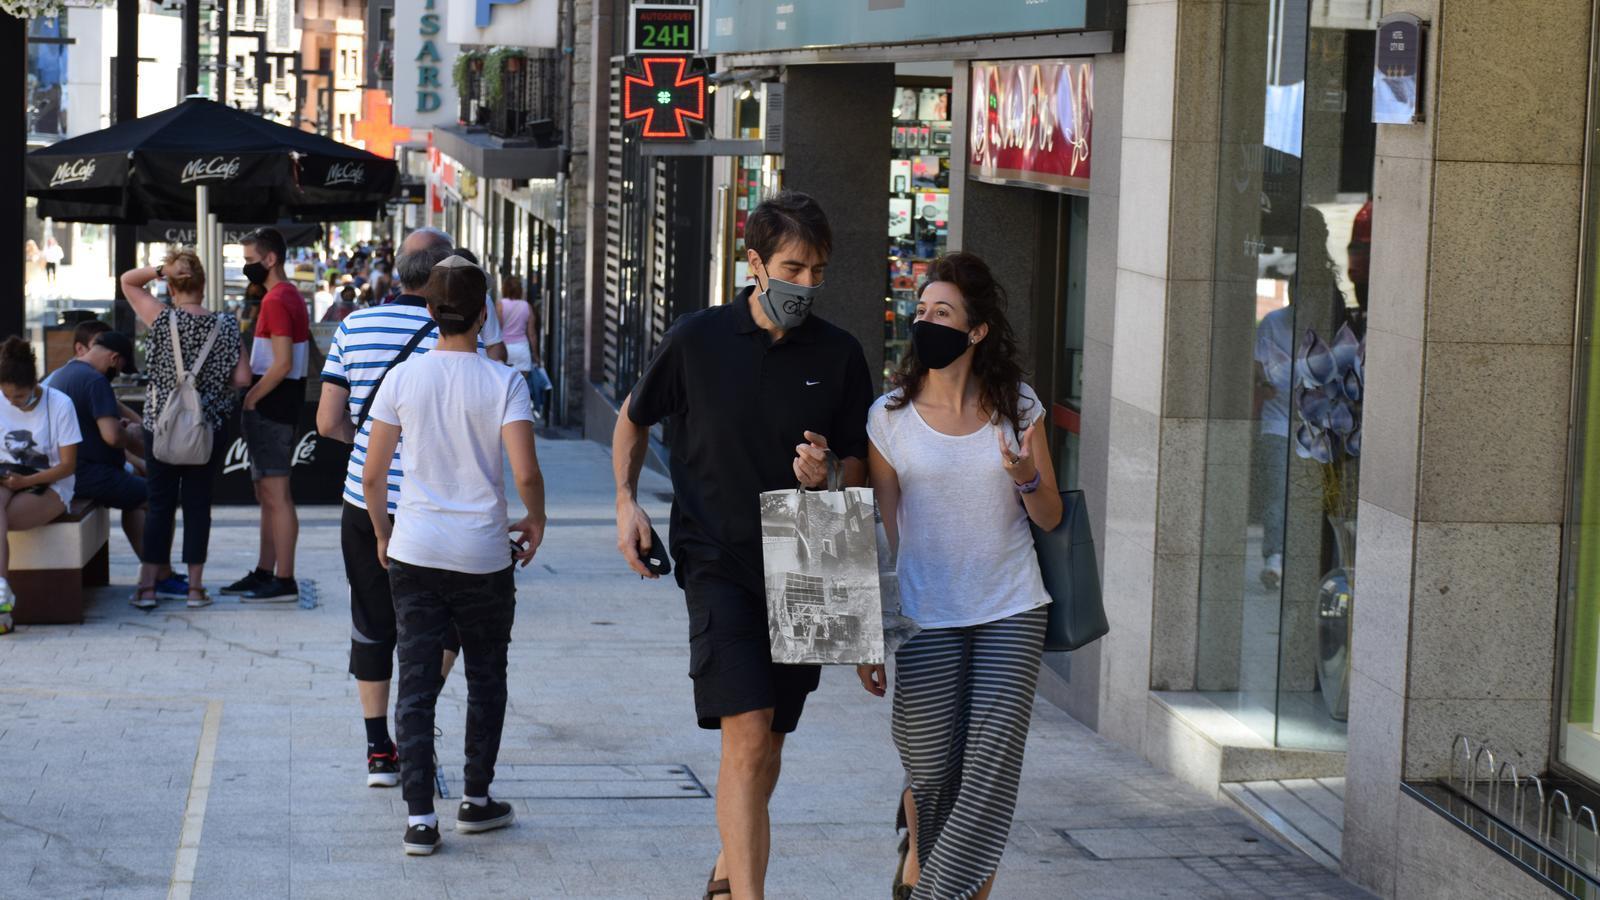 Gent passejant per l'avinguda Meritxell amb mascareta. / ANA